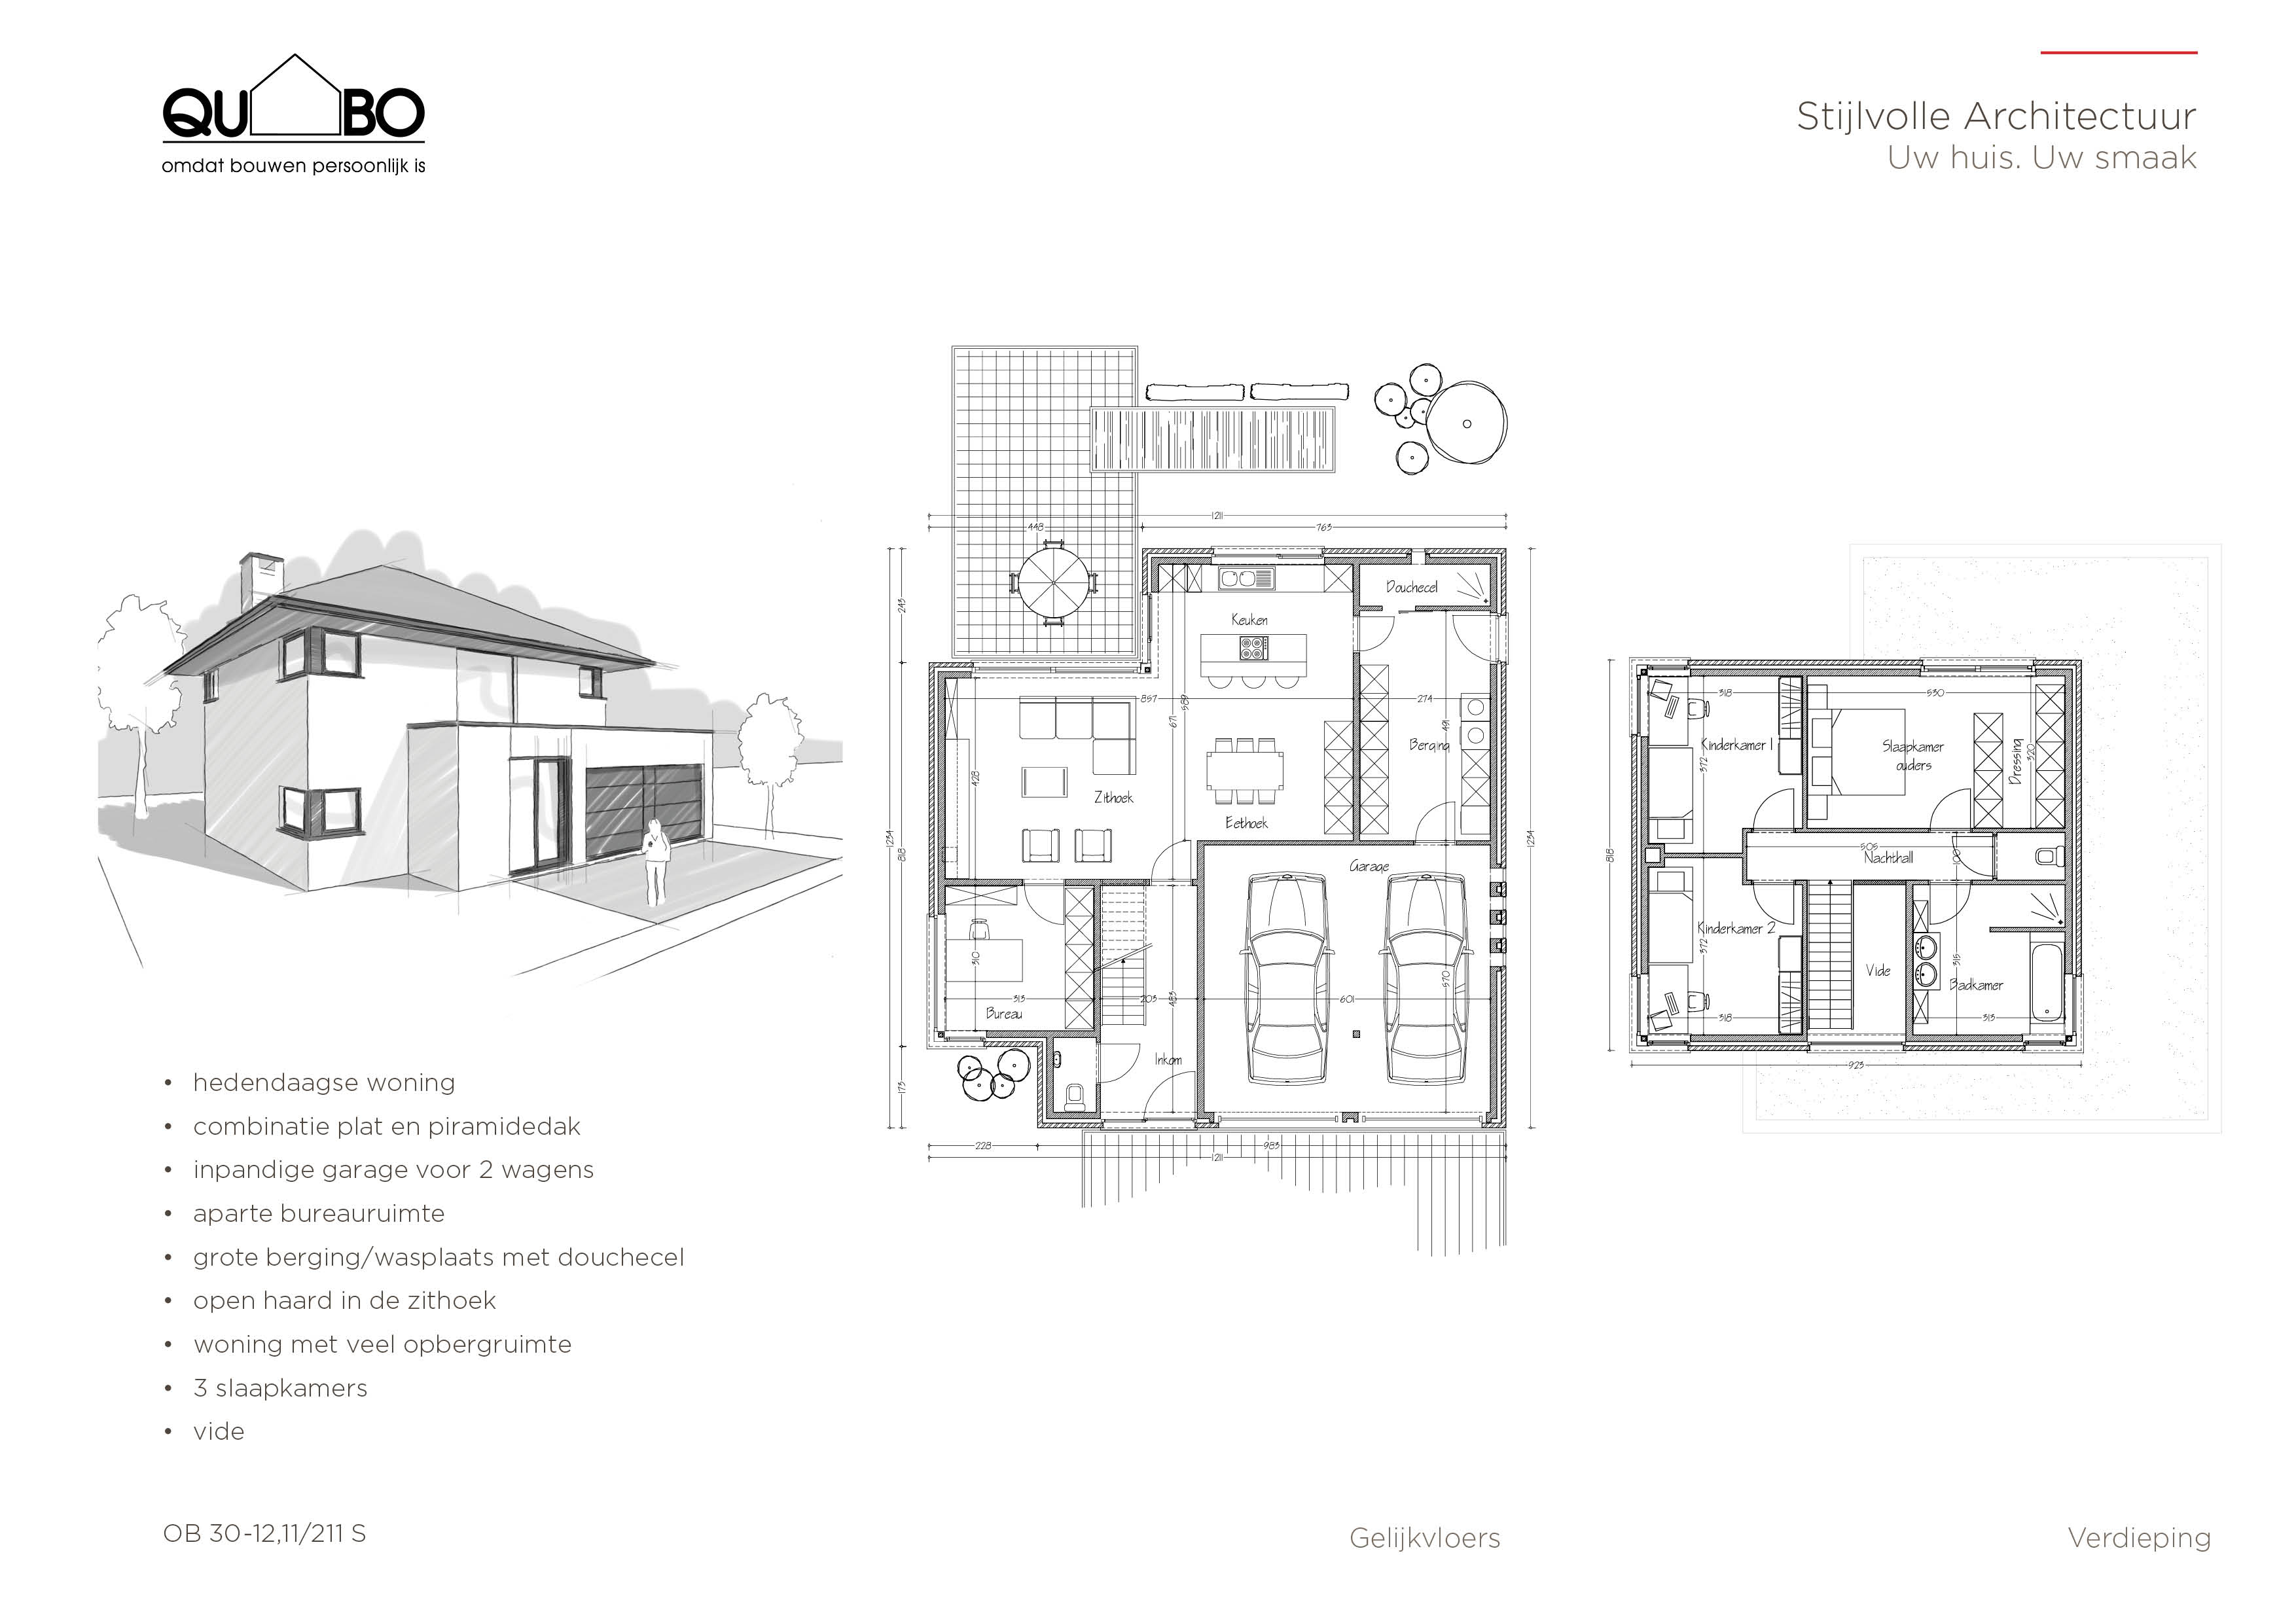 Voorbeeldplan 23 OB 30-12,11_211S